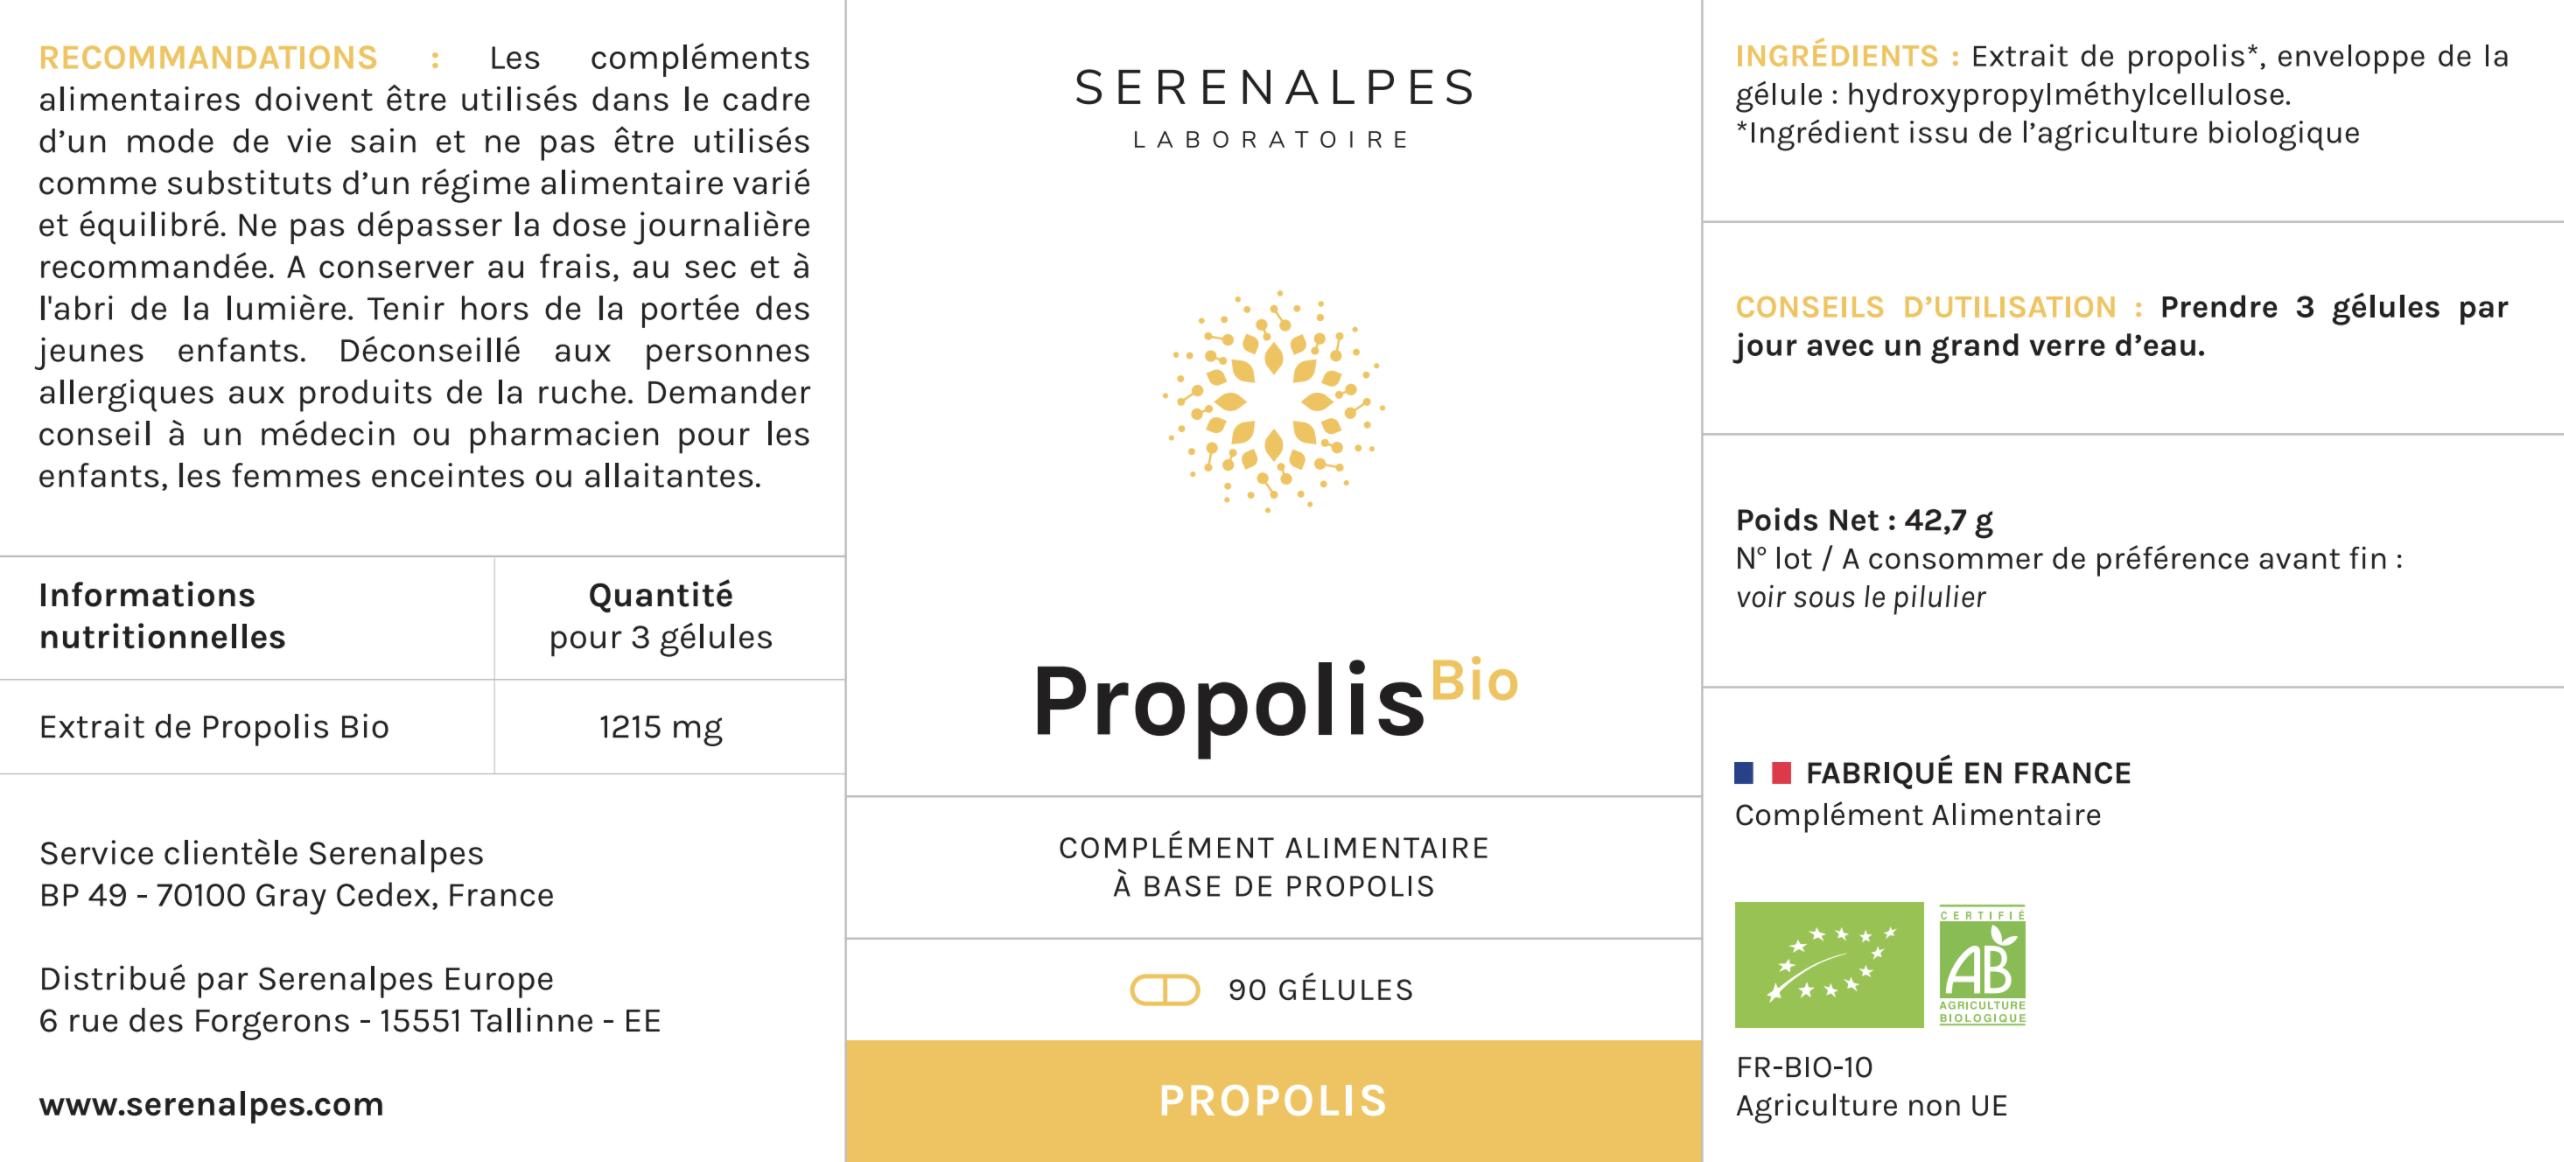 etiquette propolis